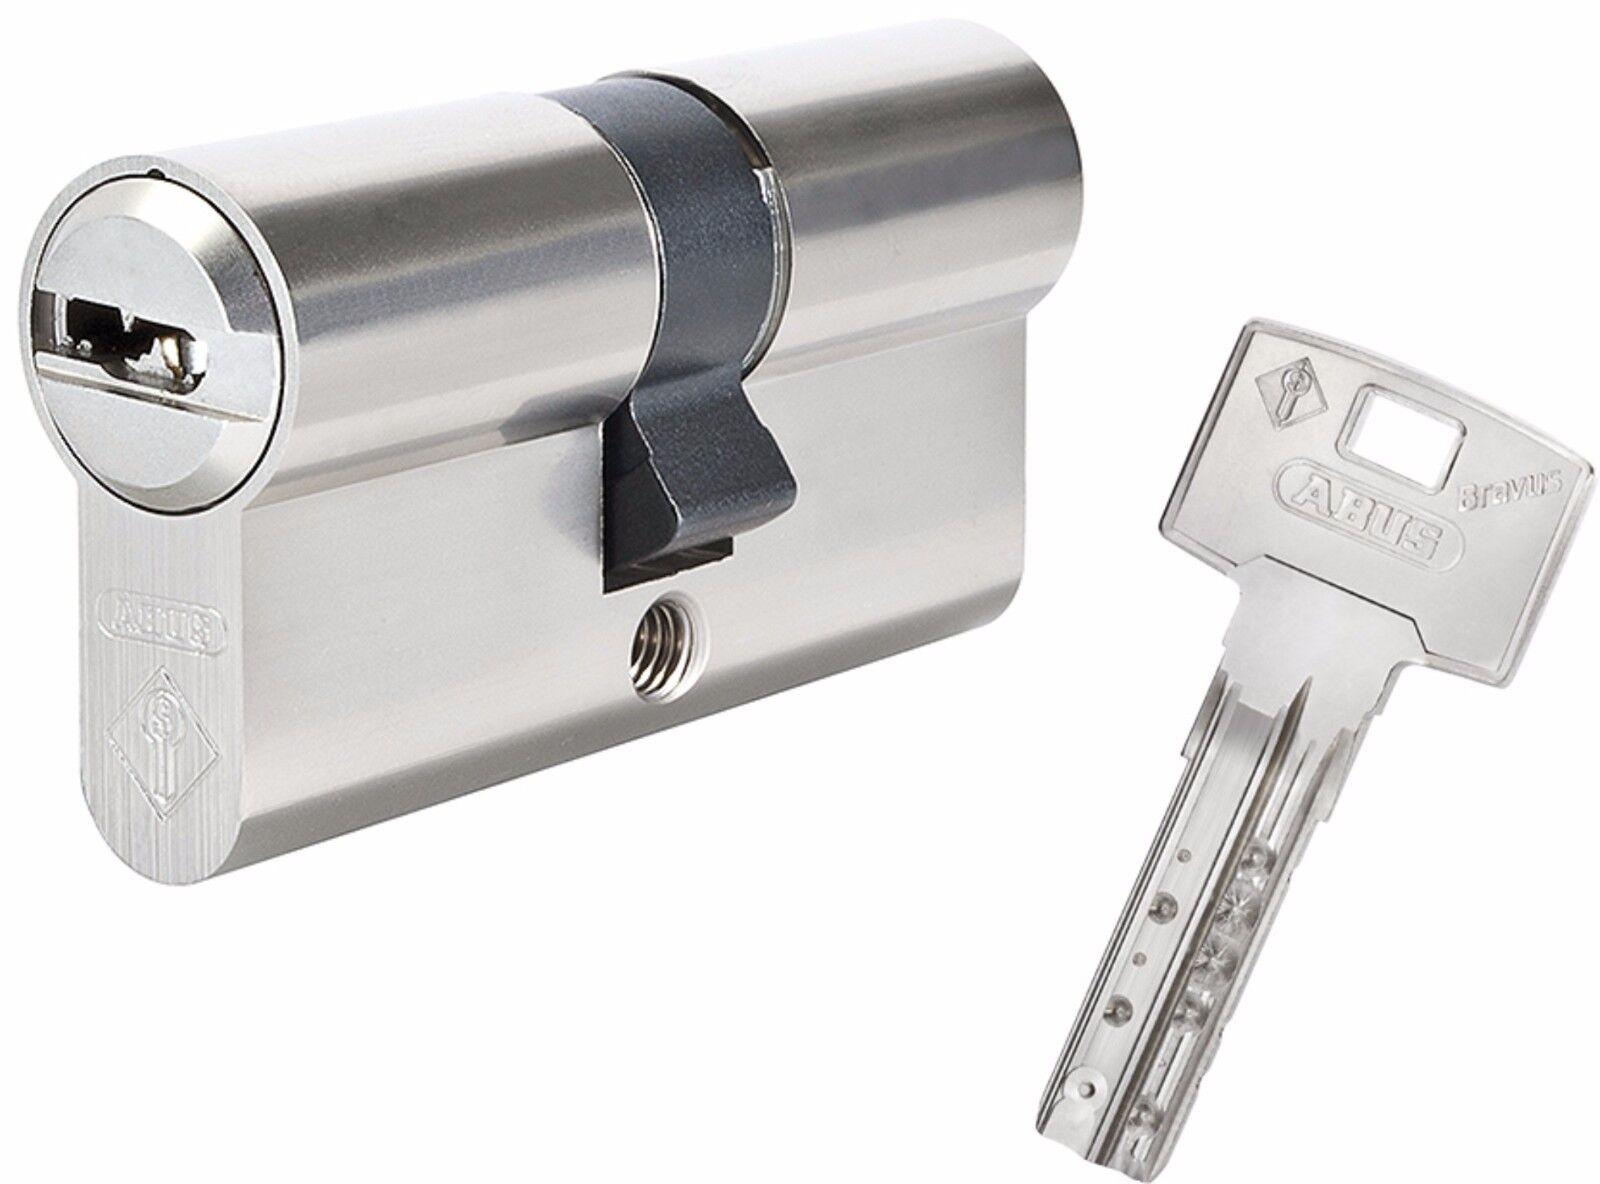 ABUS Bravus3000 Sicherheits-Schließzylinder Doppelzylinder 45/60mm - Individual Individual Individual 971a23